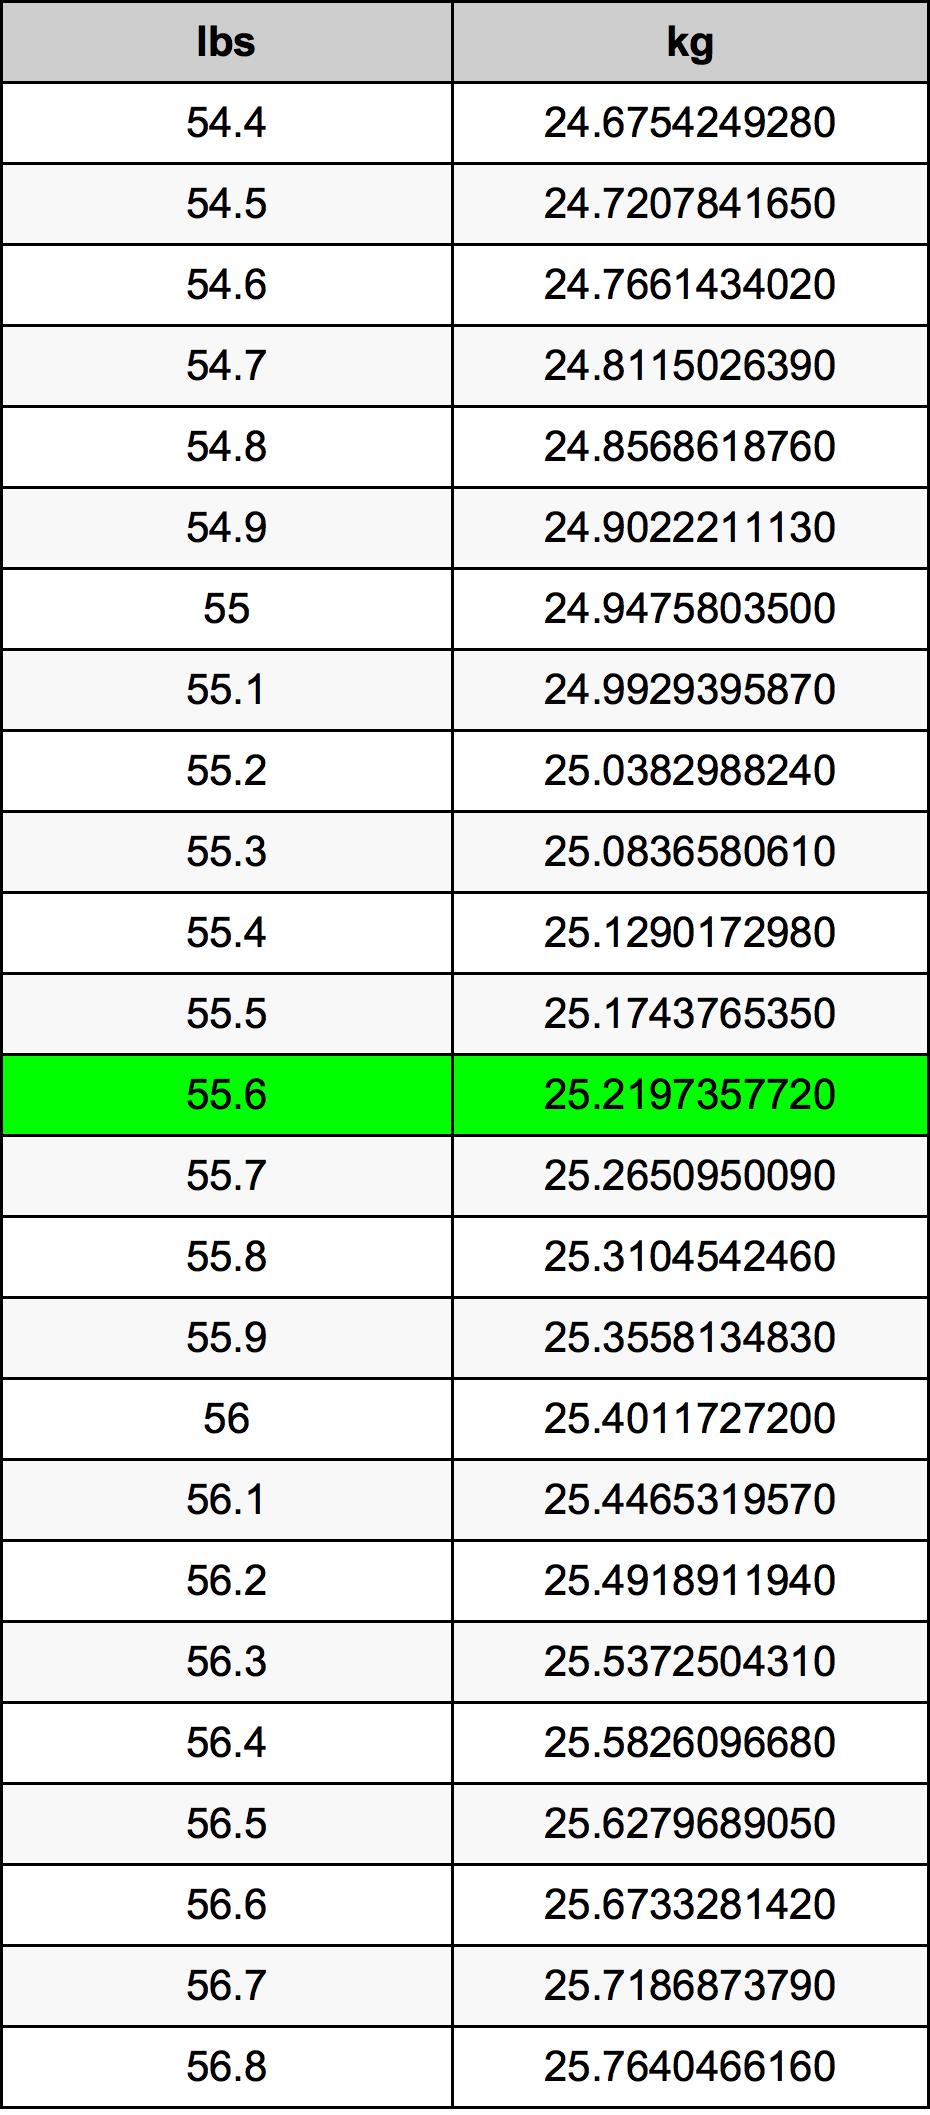 55.6 Svaras konversijos lentelę